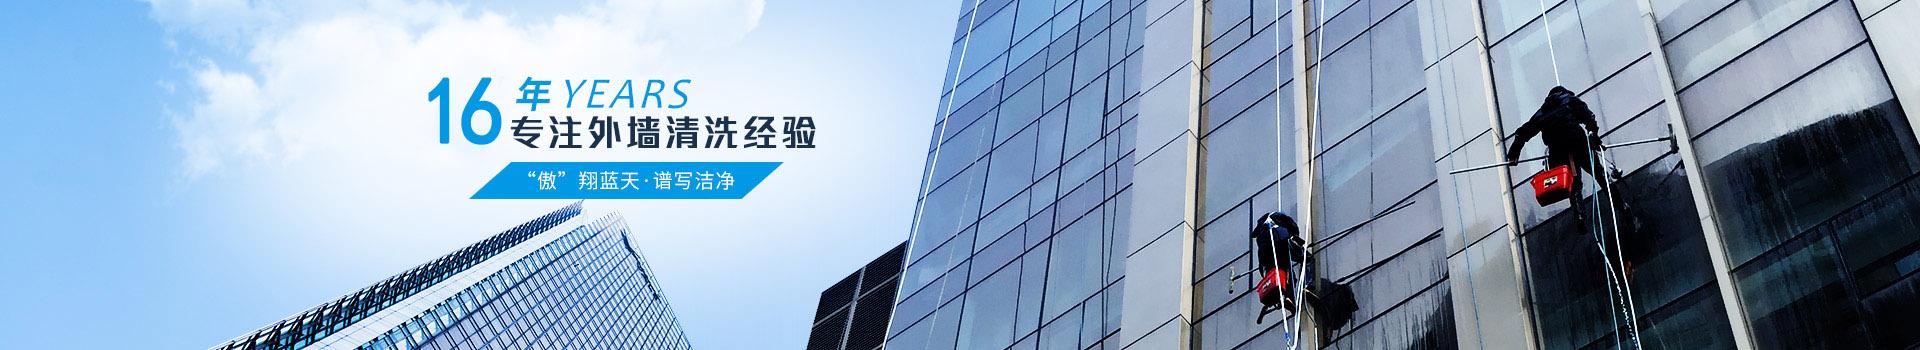 傲天鸟-16年专注外墙清洗供应商